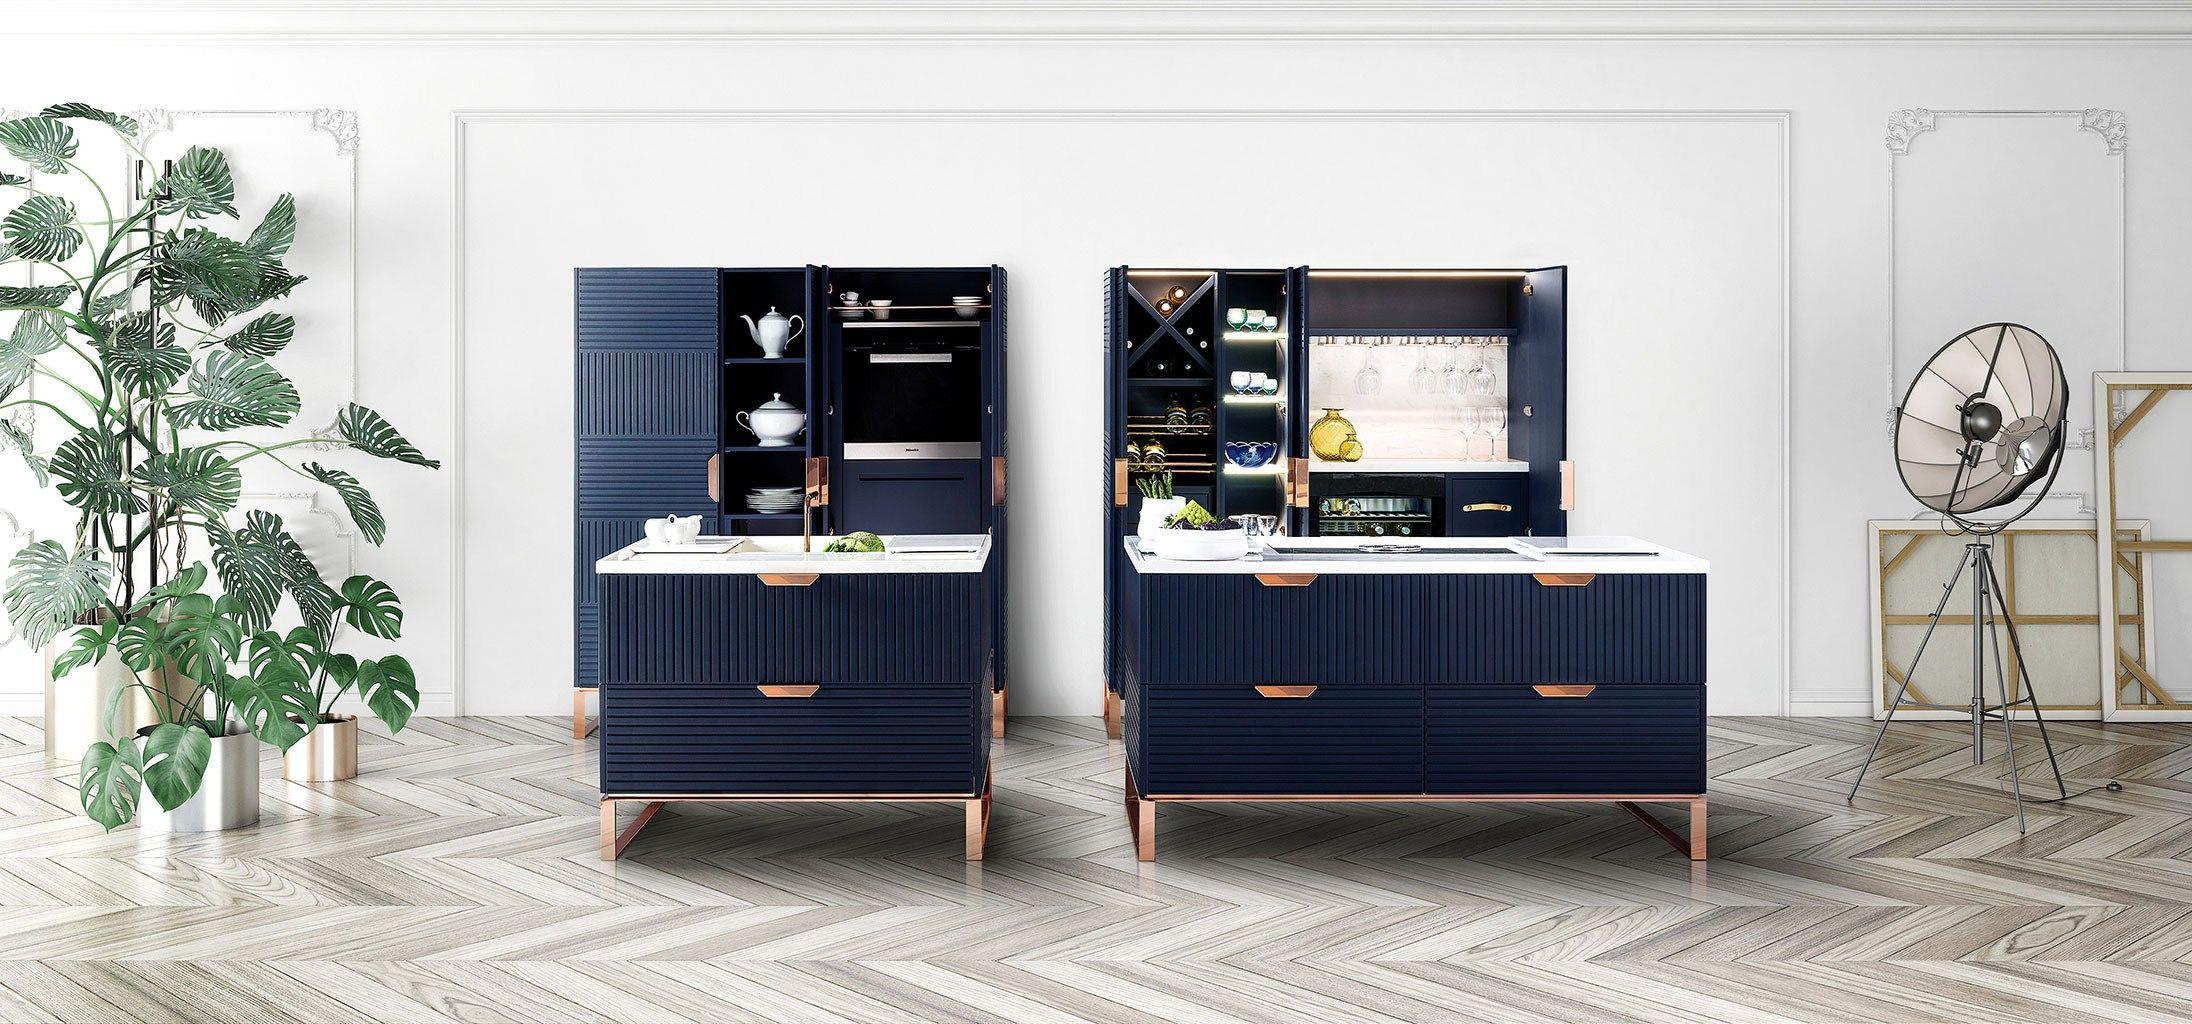 Küche mit Kücheninsel mit Griffe MIUCCIA by TM Italia Cucine Design ...